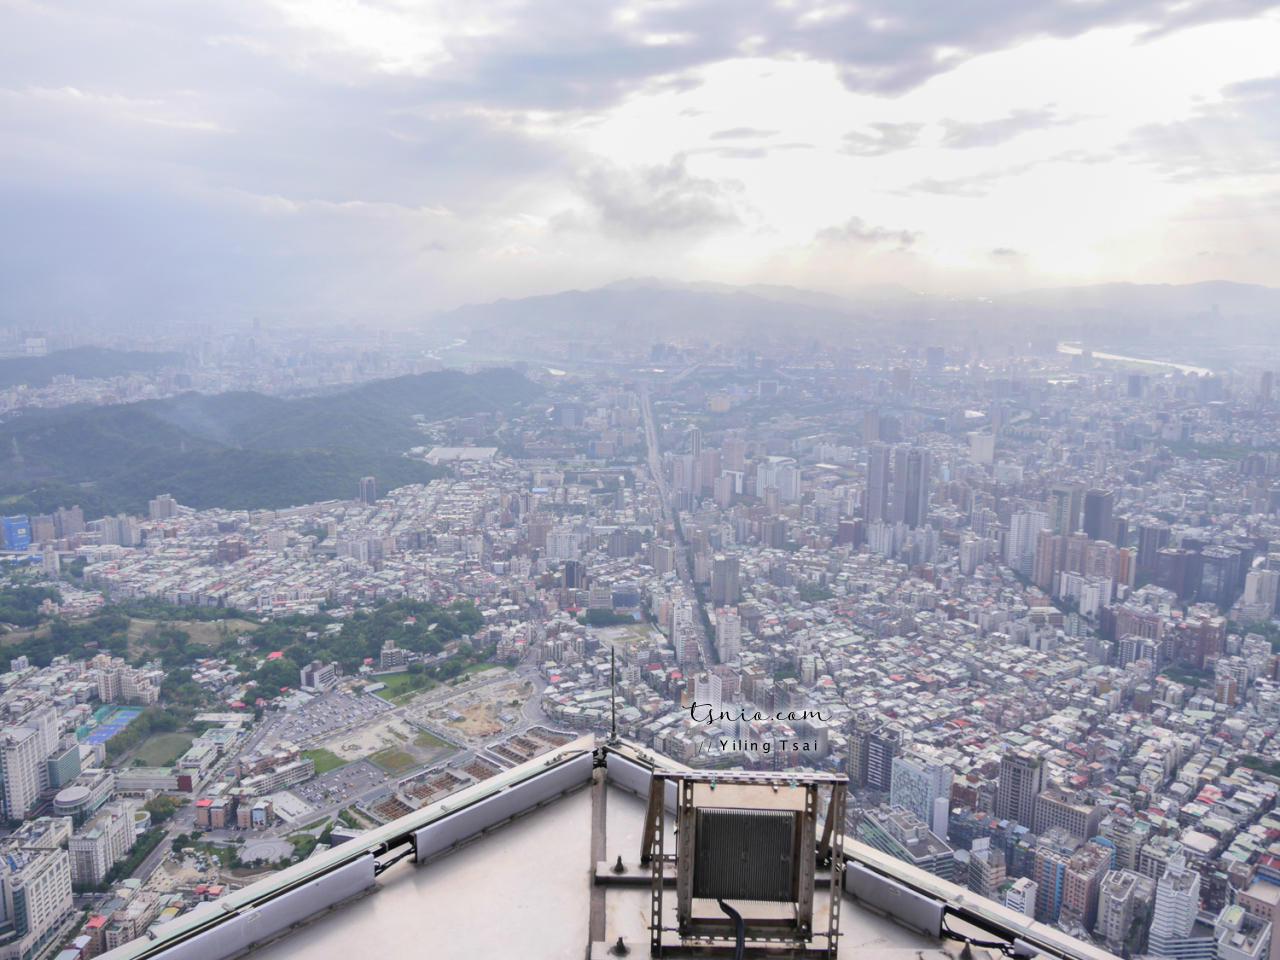 台北 101 觀景台 Skyline 460天際線雲端漫步體驗